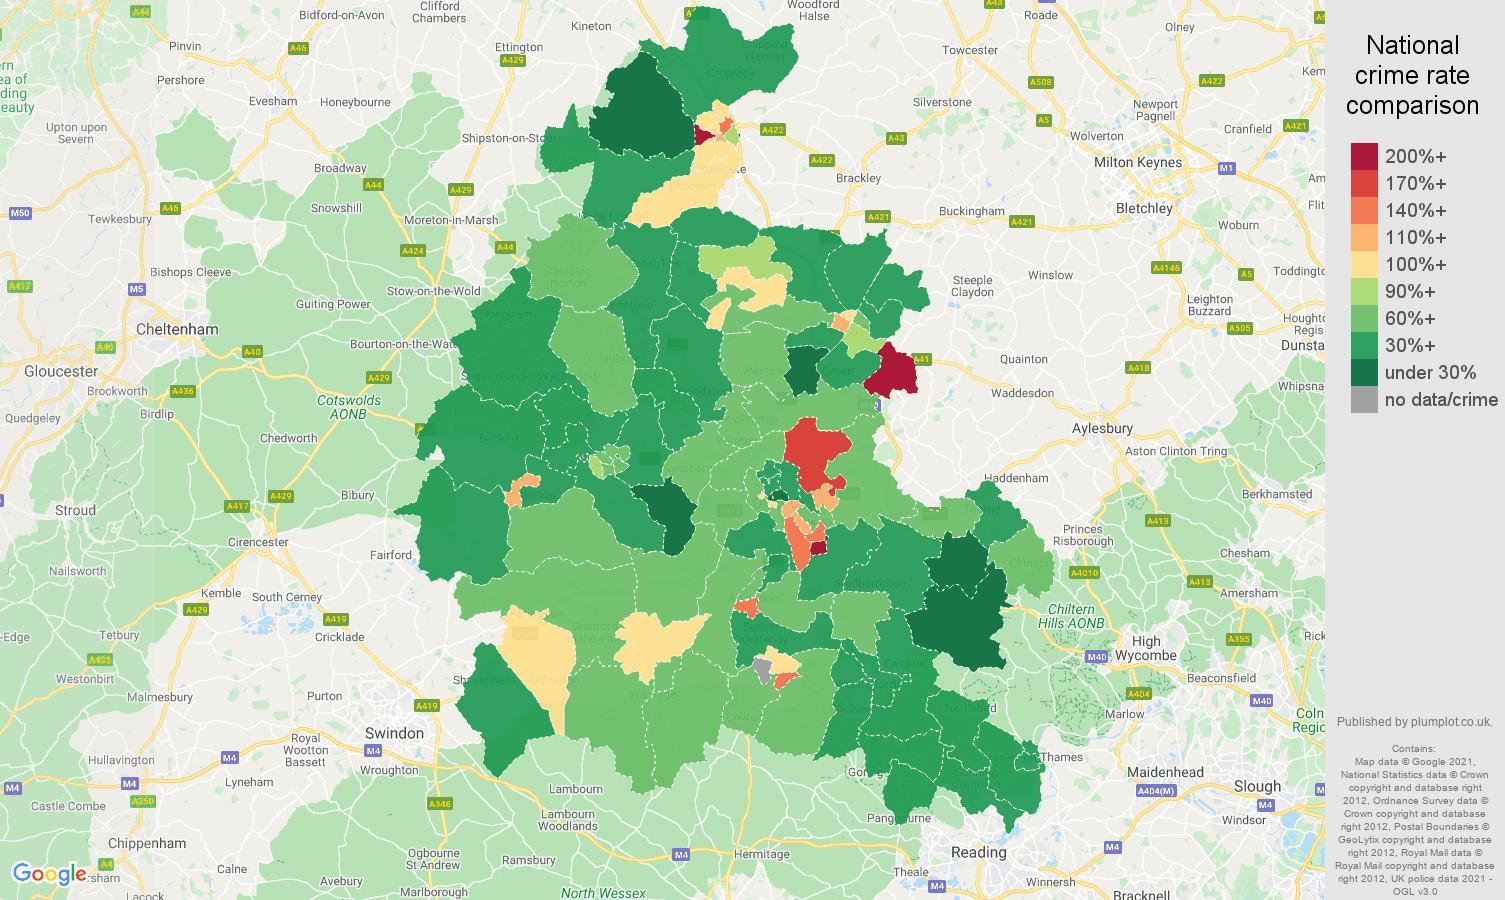 Oxfordshire violent crime rate comparison map